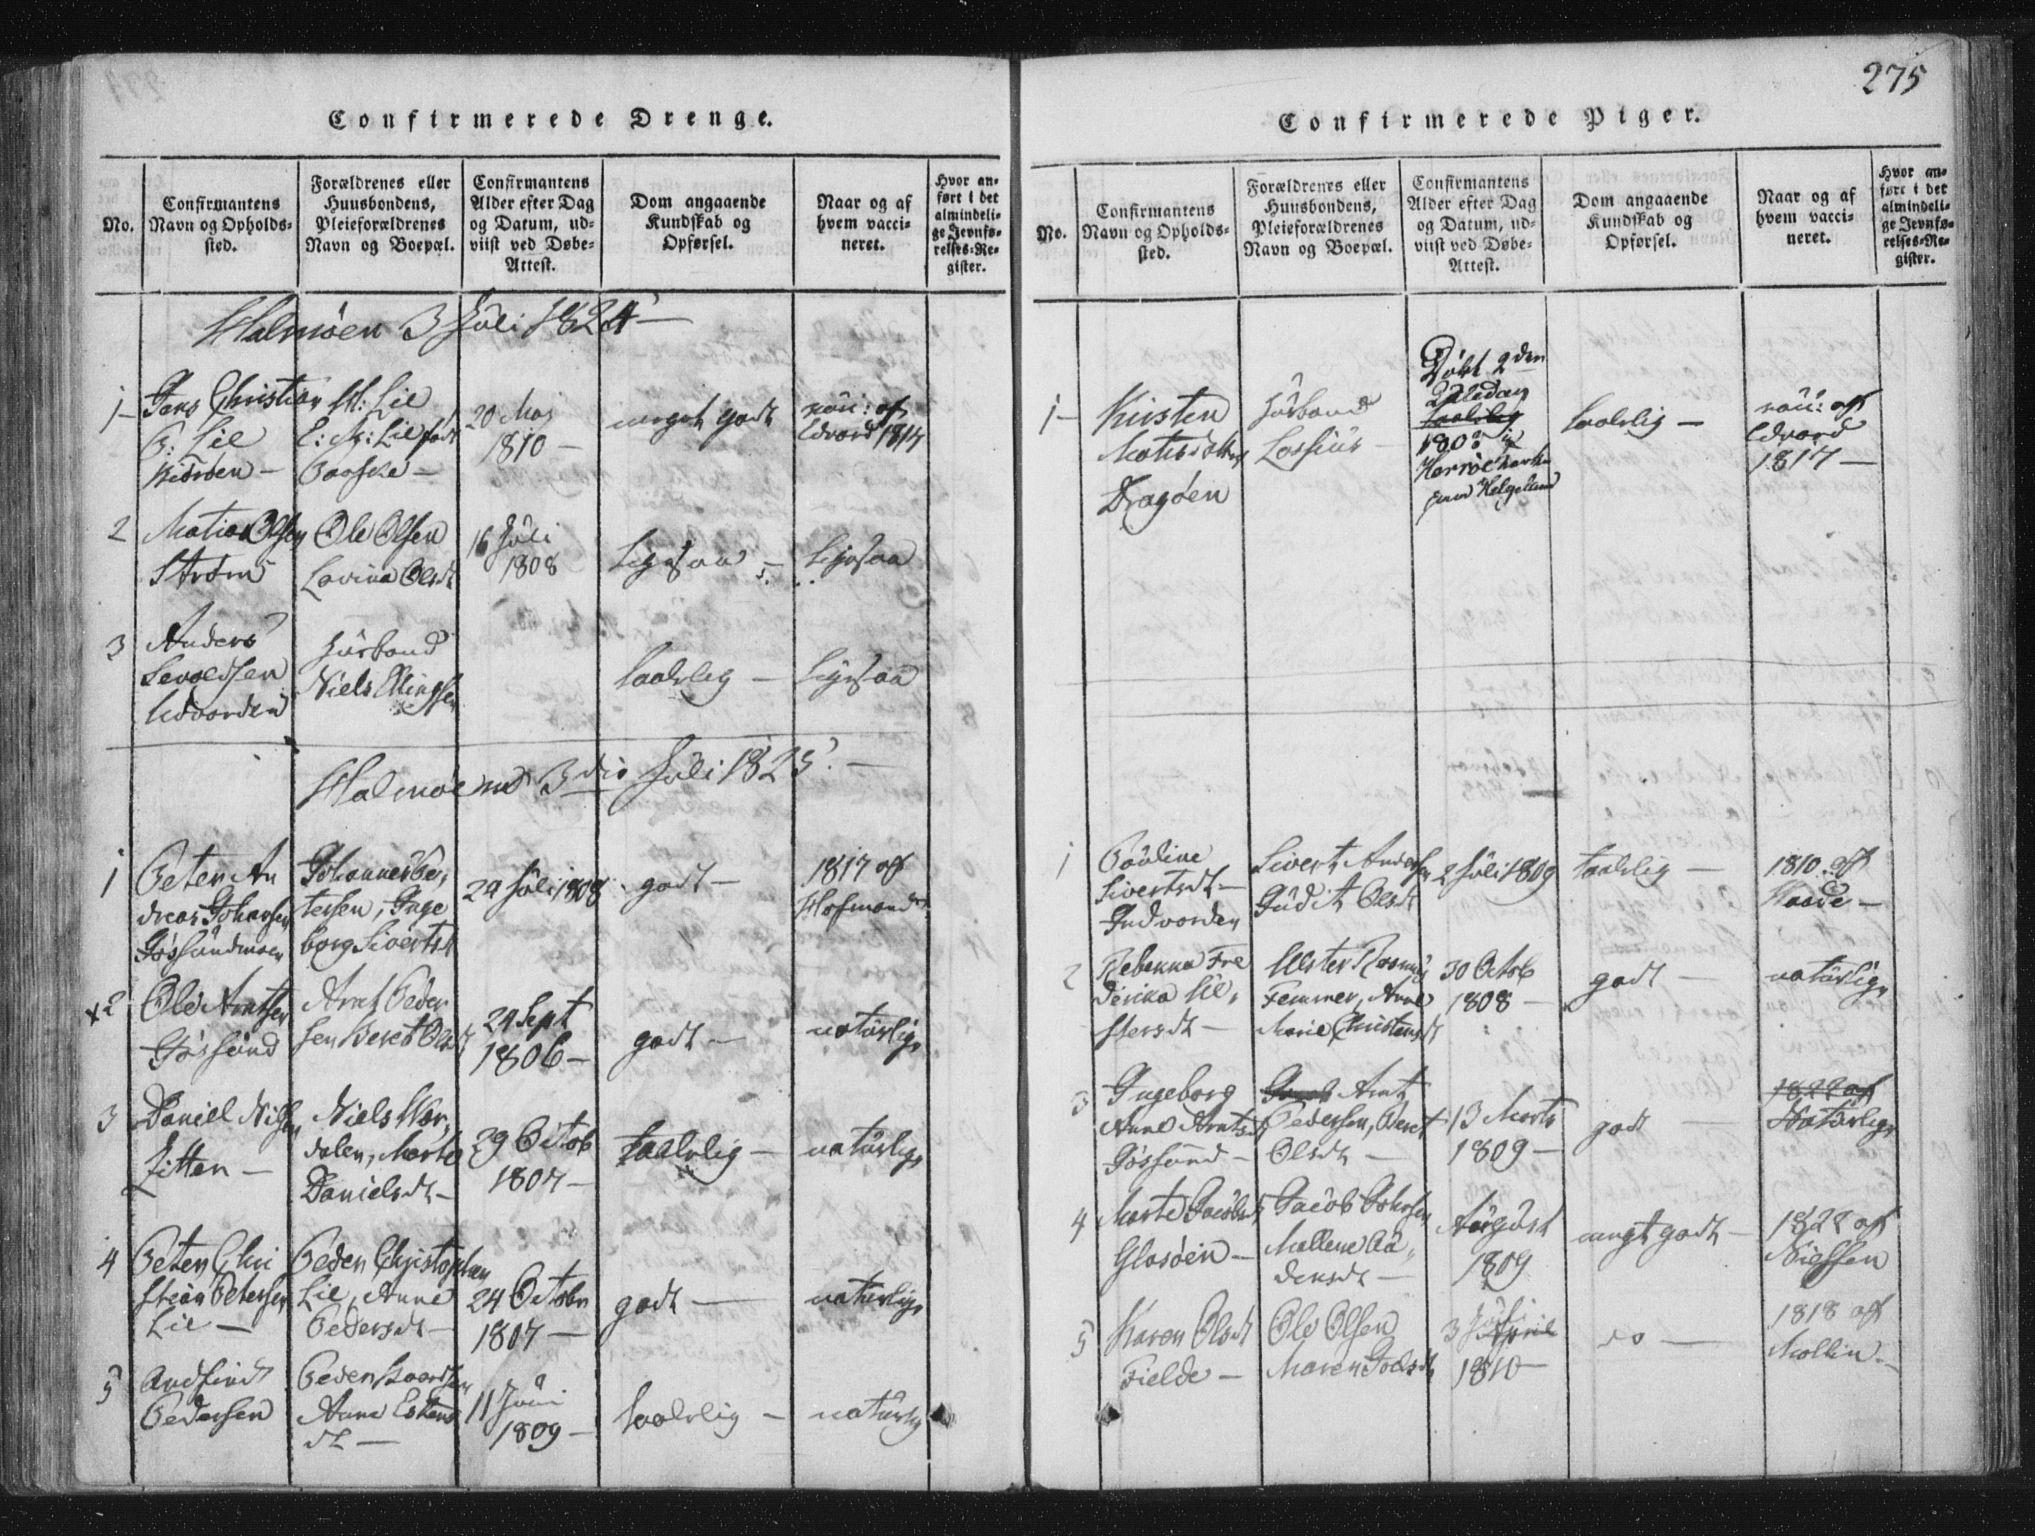 SAT, Ministerialprotokoller, klokkerbøker og fødselsregistre - Nord-Trøndelag, 773/L0609: Ministerialbok nr. 773A03 /3, 1815-1830, s. 275